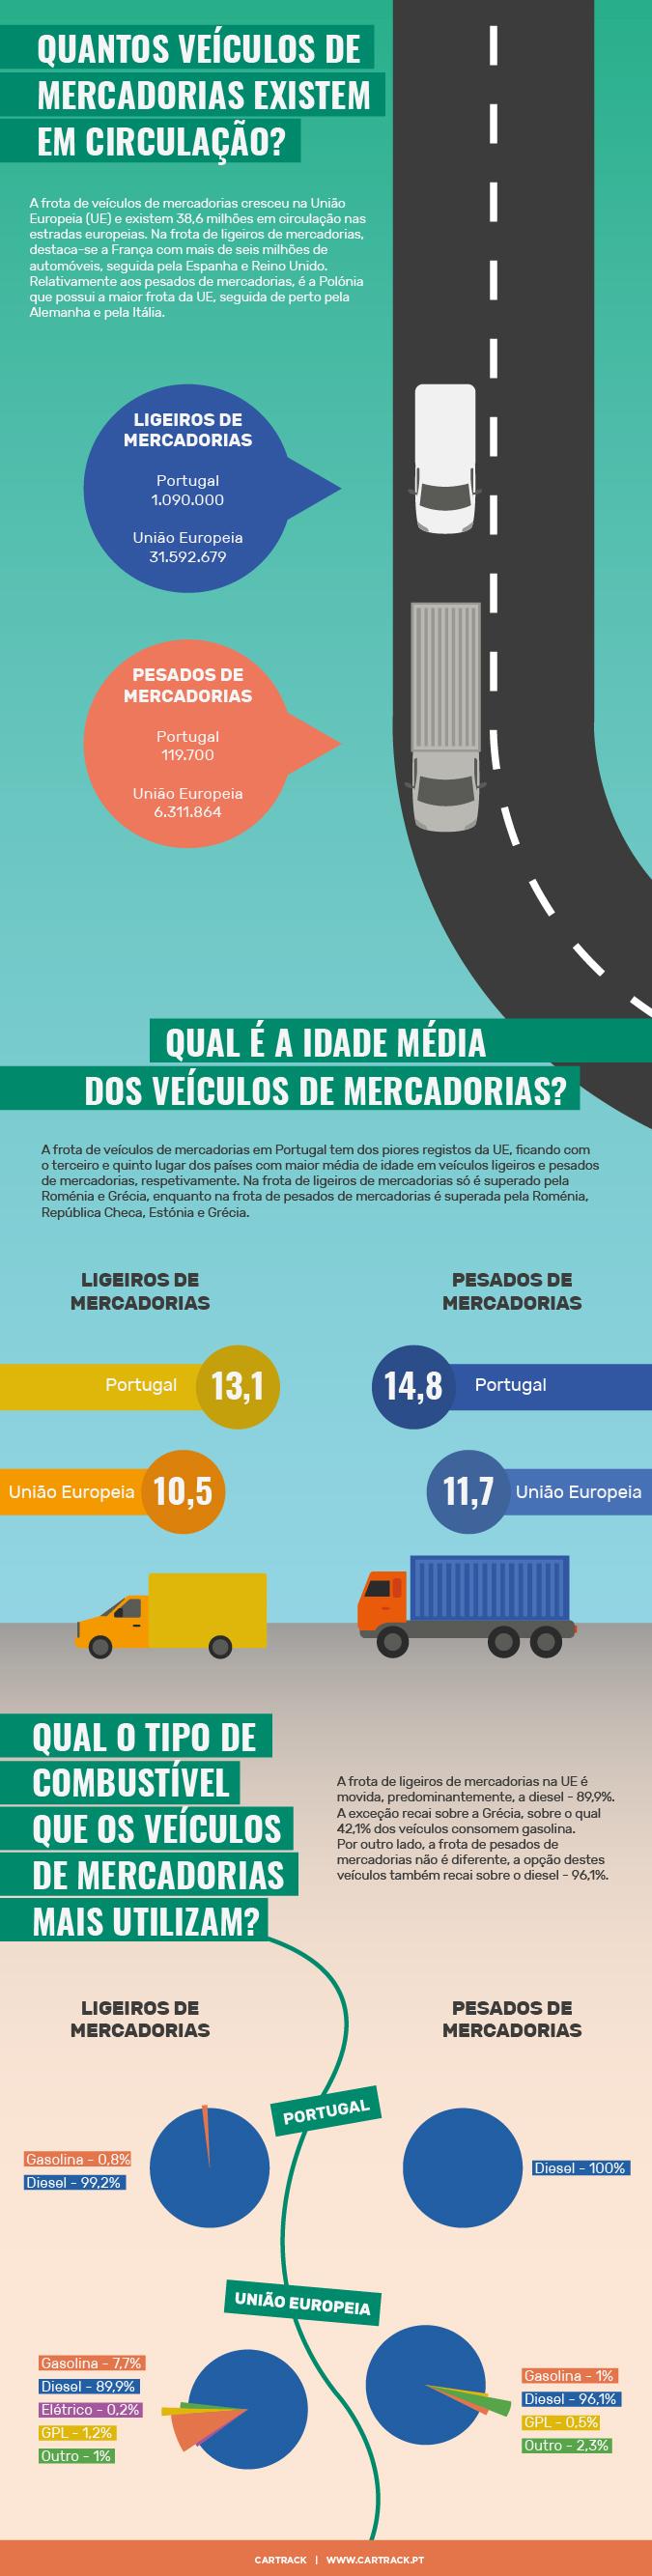 Cartrack, Sempre Em Controlo, Parque automóvel, Gestão de Frotas, Empresas portuguesas, ACEA, Parque automóvel das empresas portuguesas